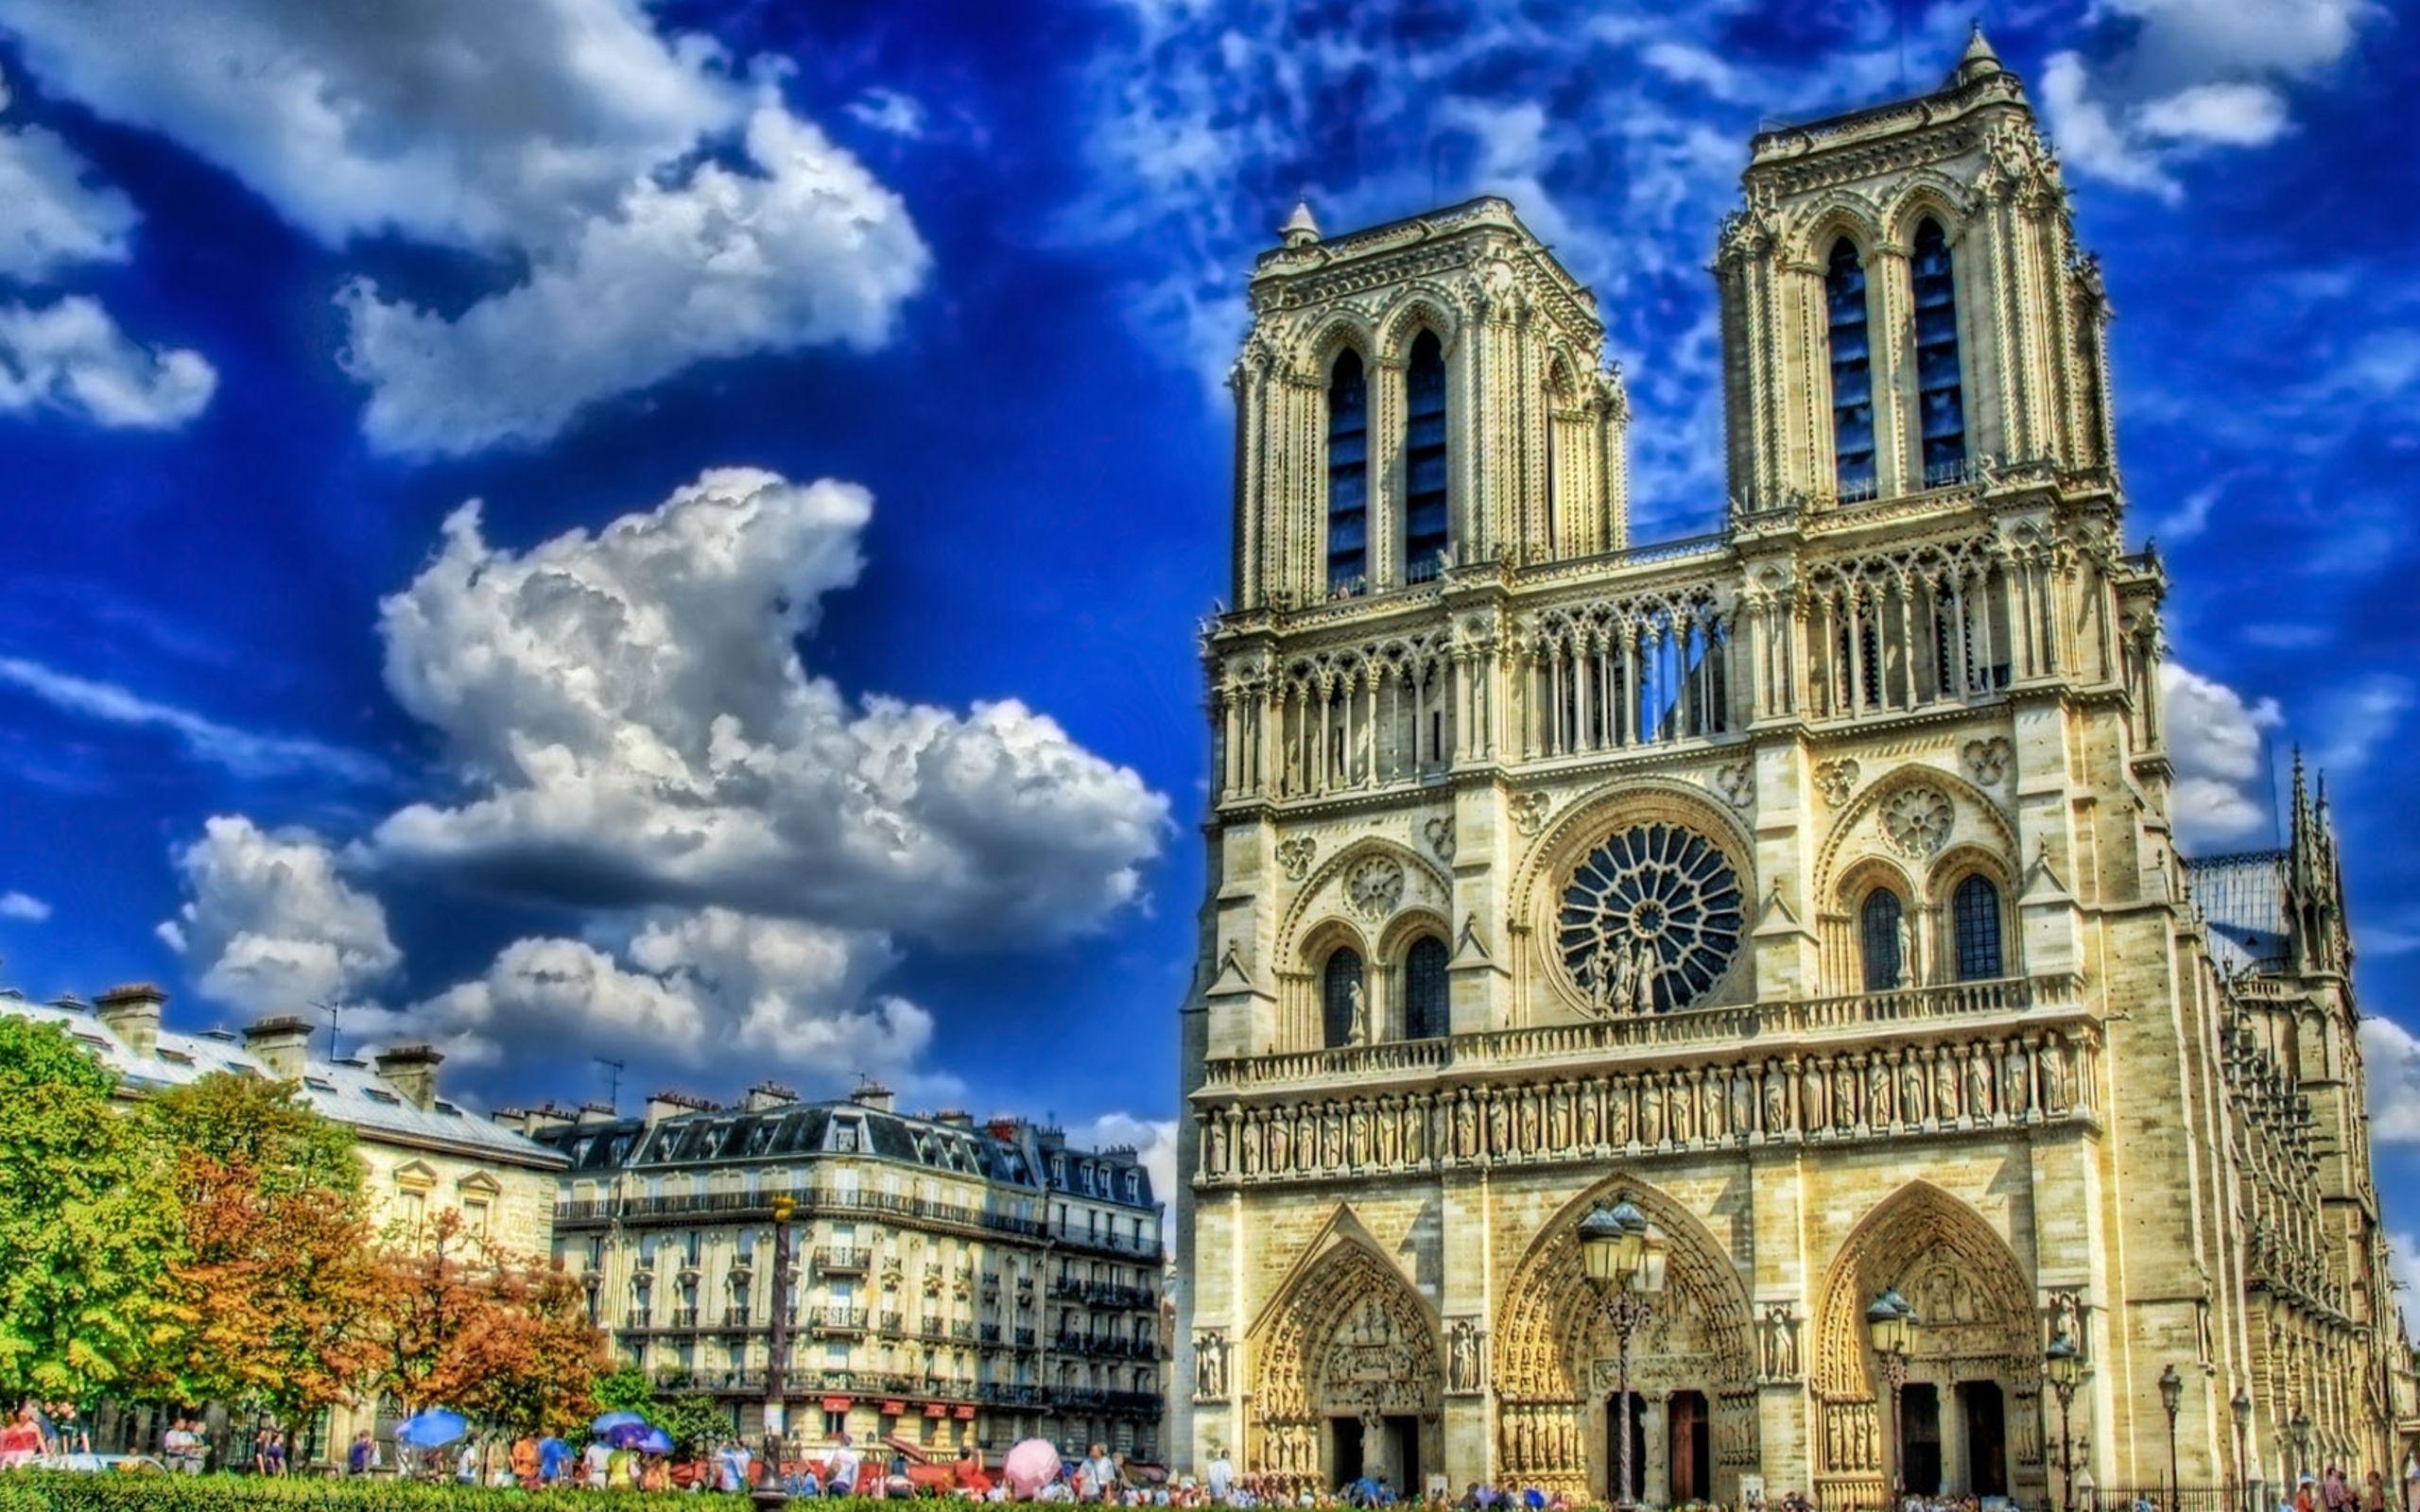 Нотр-Дам де Пари собор Париж скачать